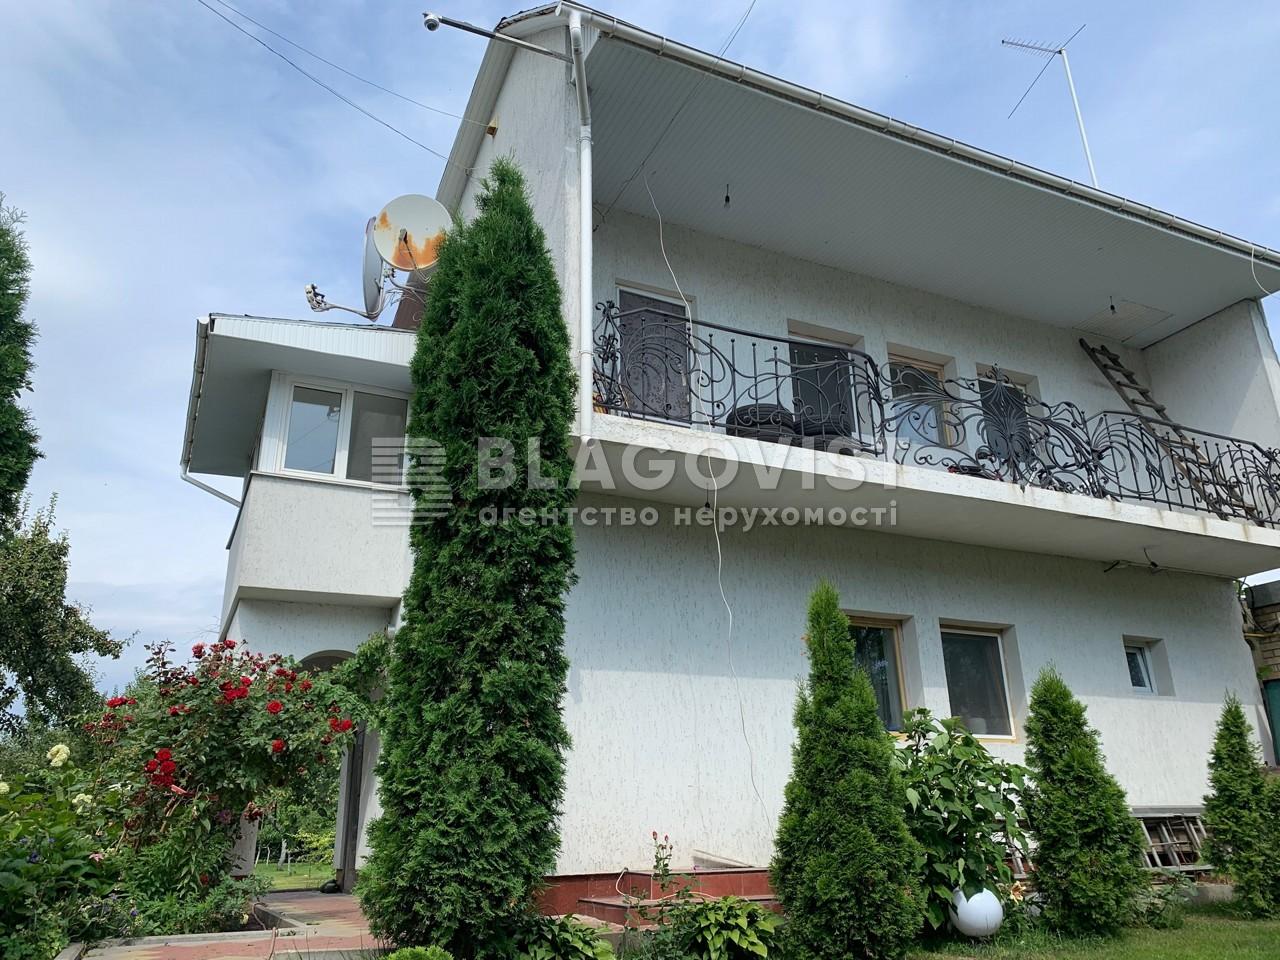 Дом R-27188, Хмельницкого Богдана, Хотов - Фото 1